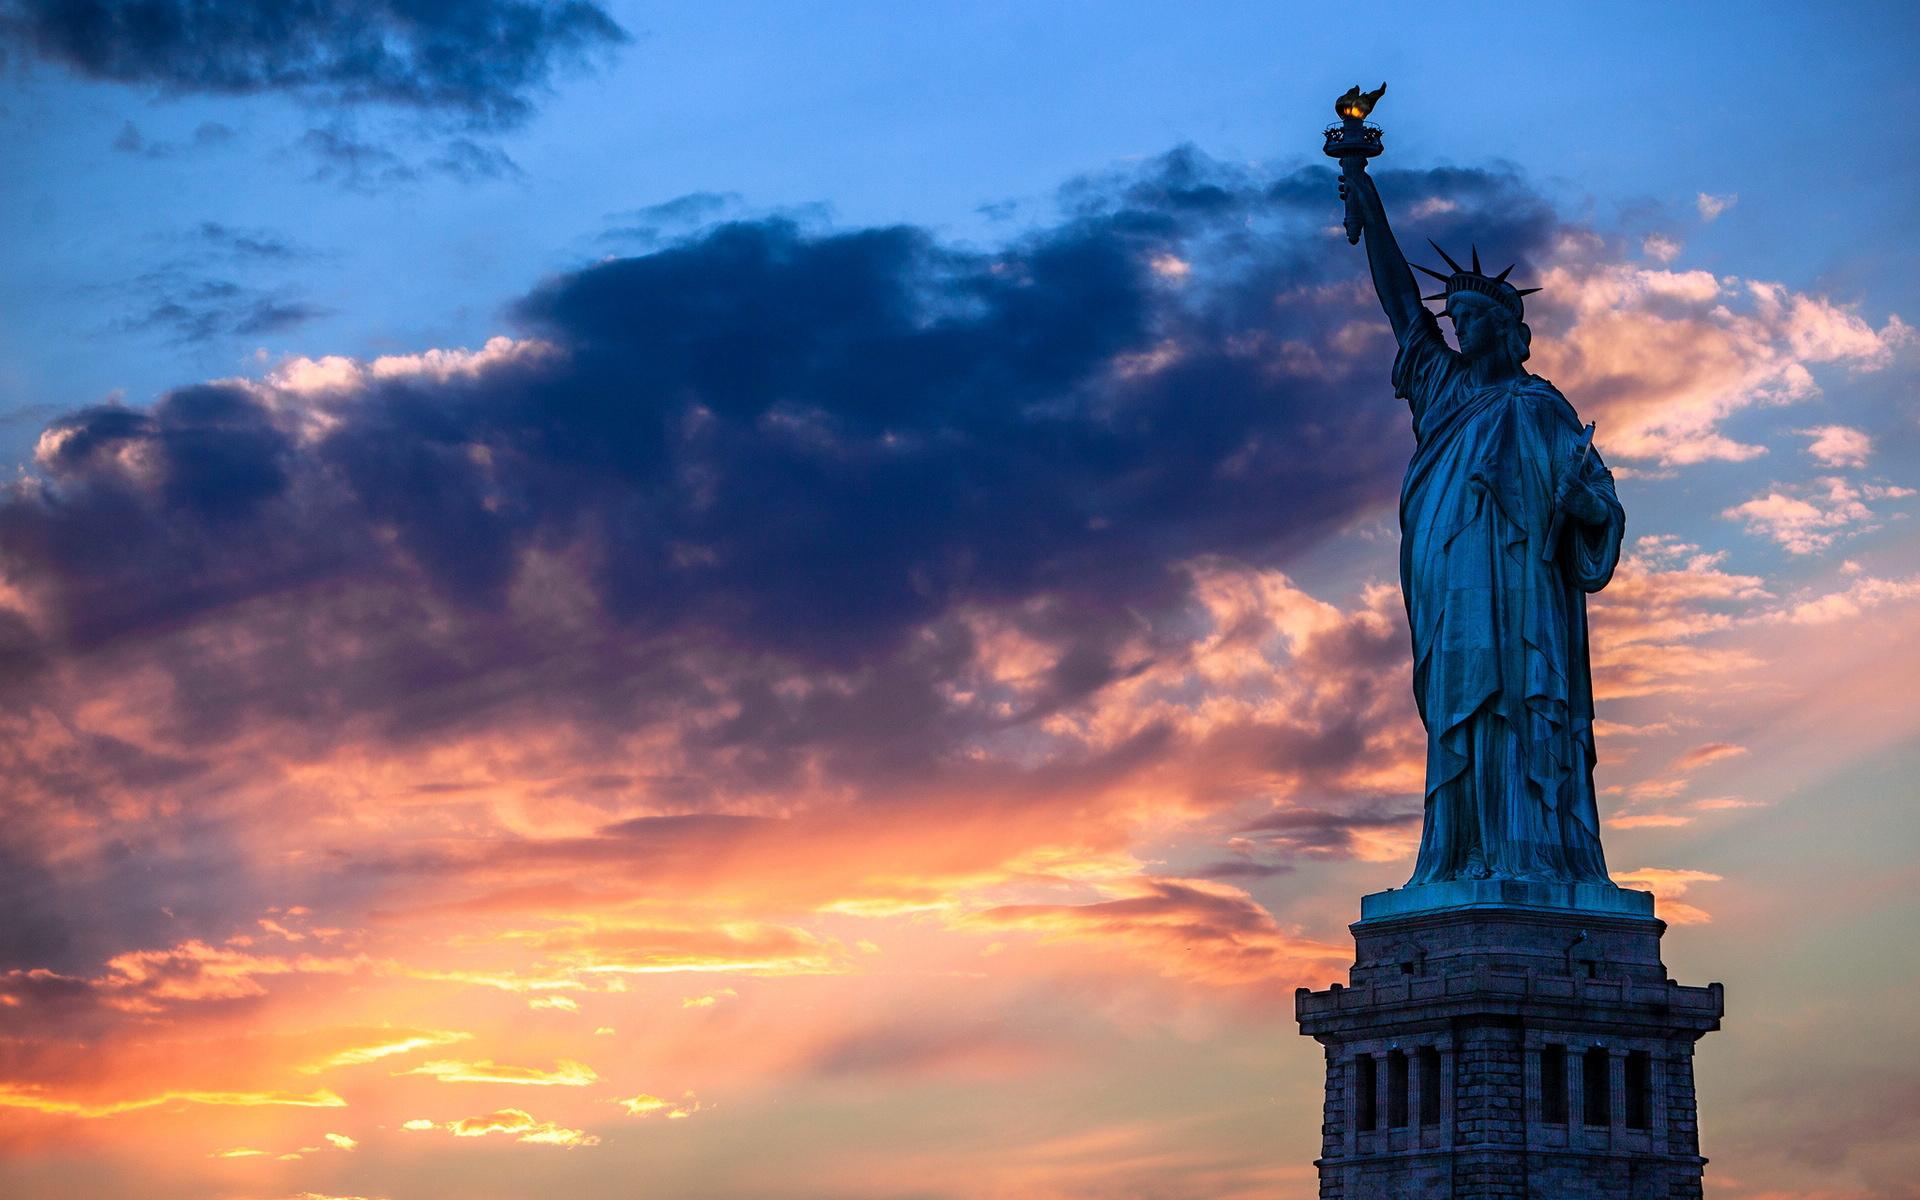 【2人立减800/单】美国东西海岸+两大公园10晚12日(直飞,4大名城、锡安公园,布莱斯峡谷,羚羊谷马蹄湾,自由女神游船,奥特莱斯、送保险)